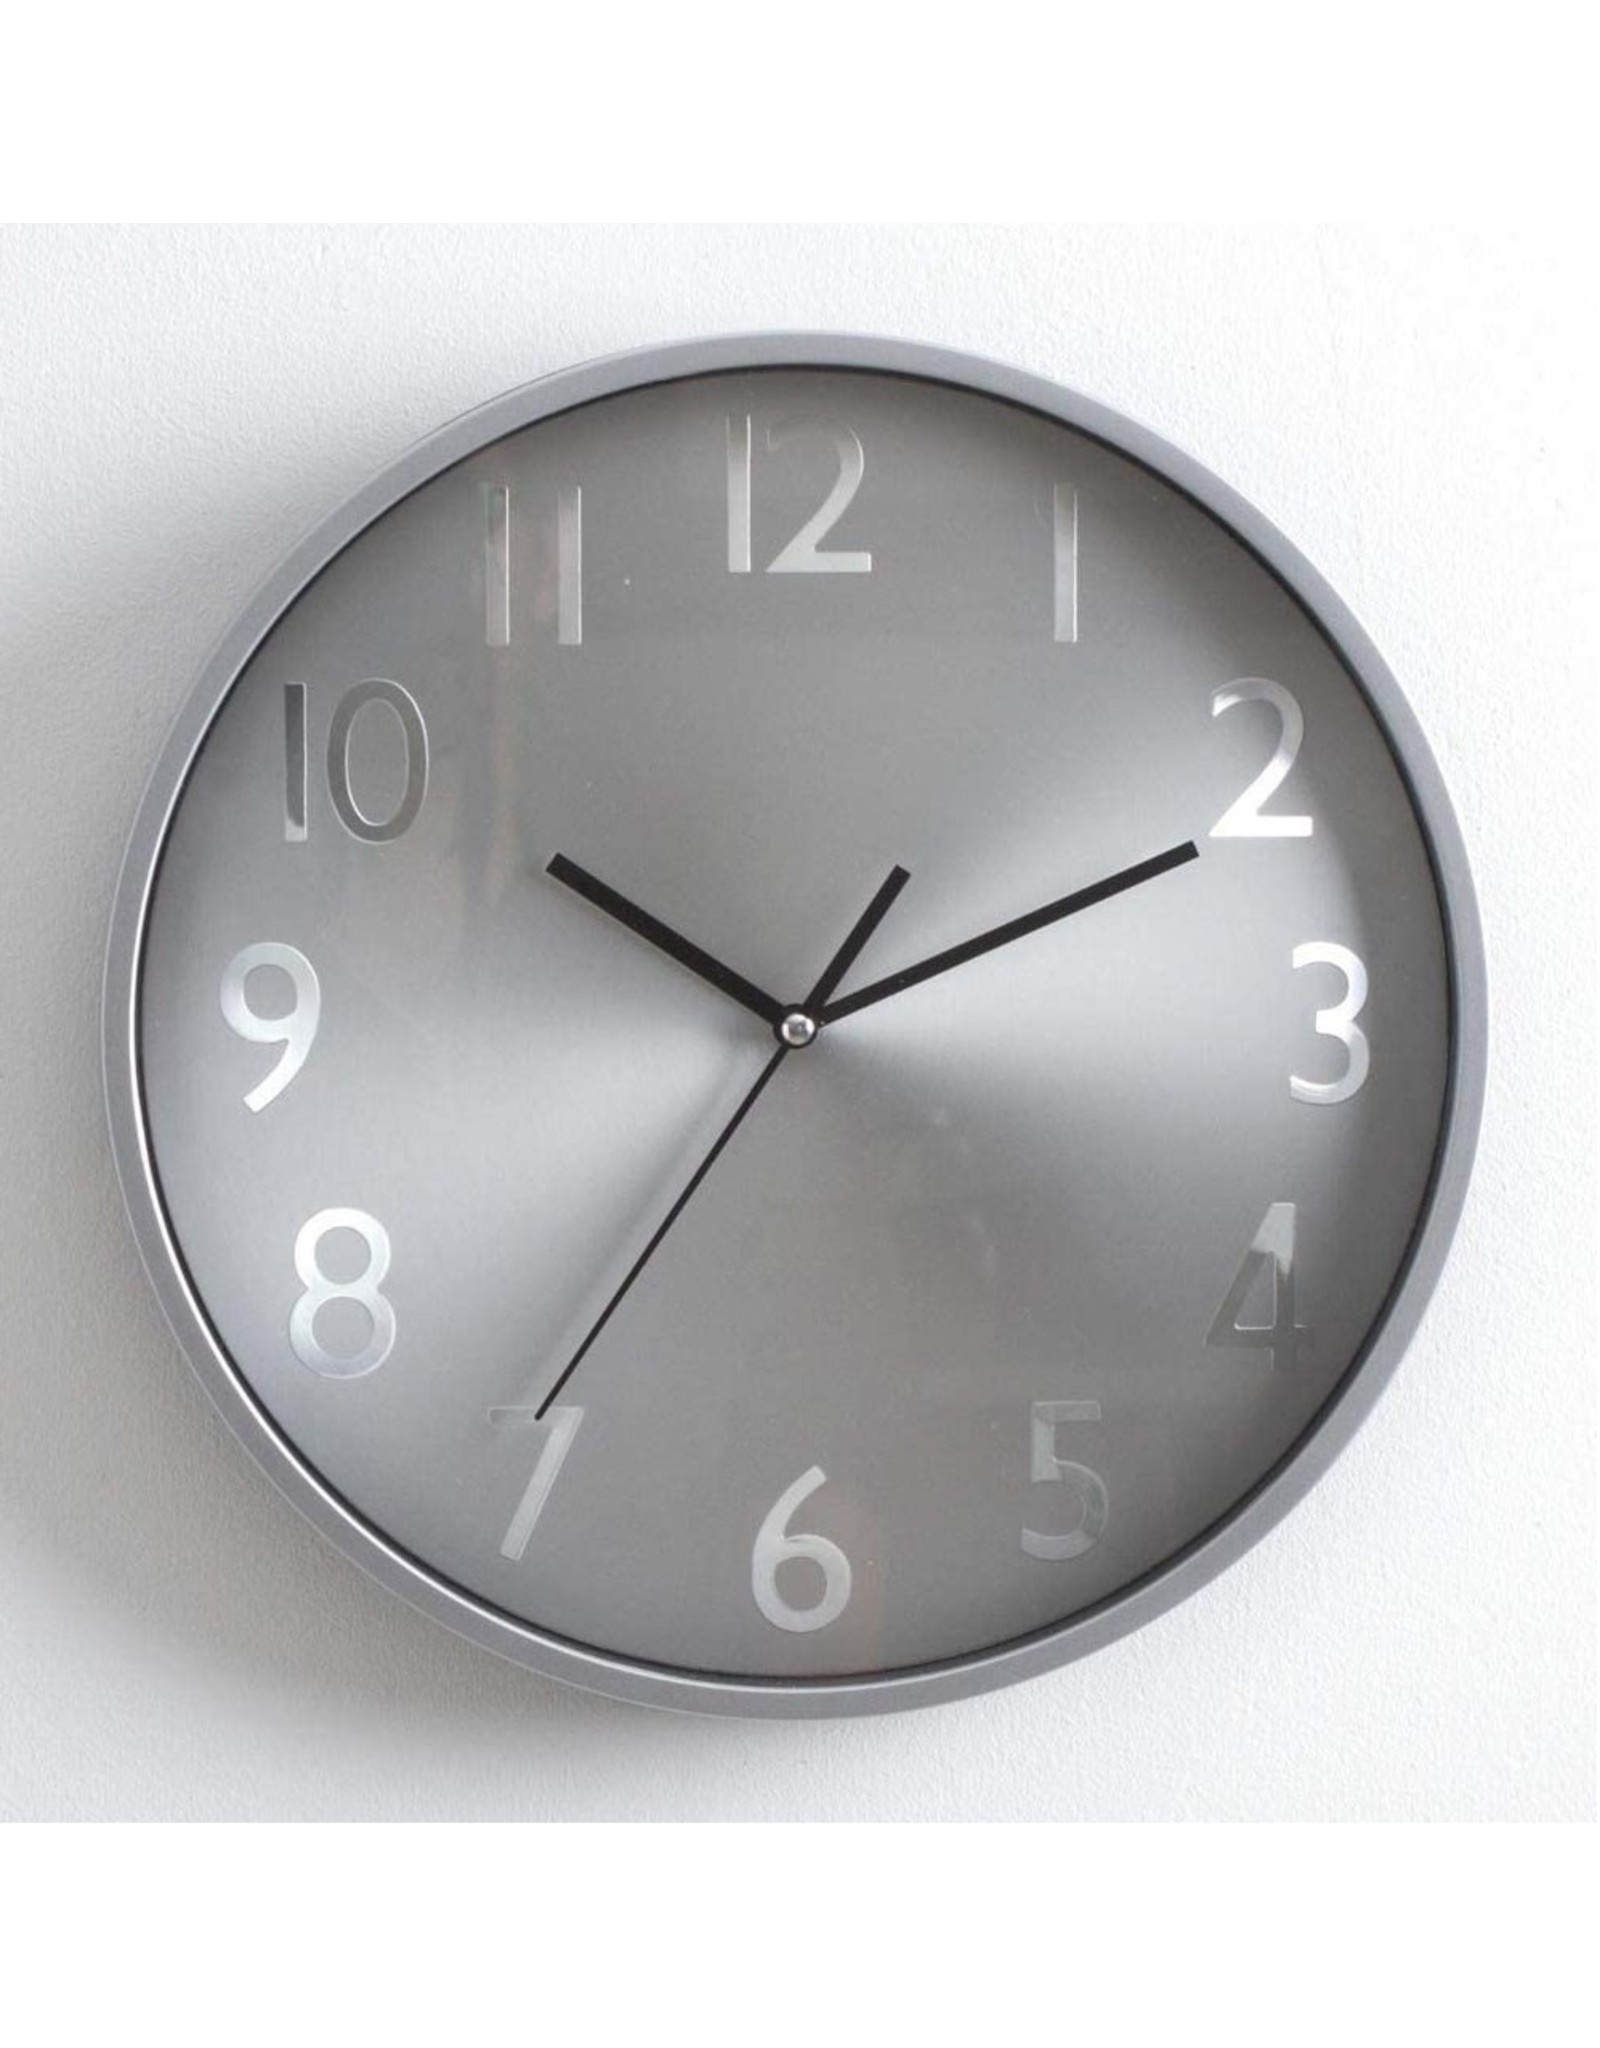 Atmosphera Atmosphera - Round Wall clock - Diameter Ø30cm